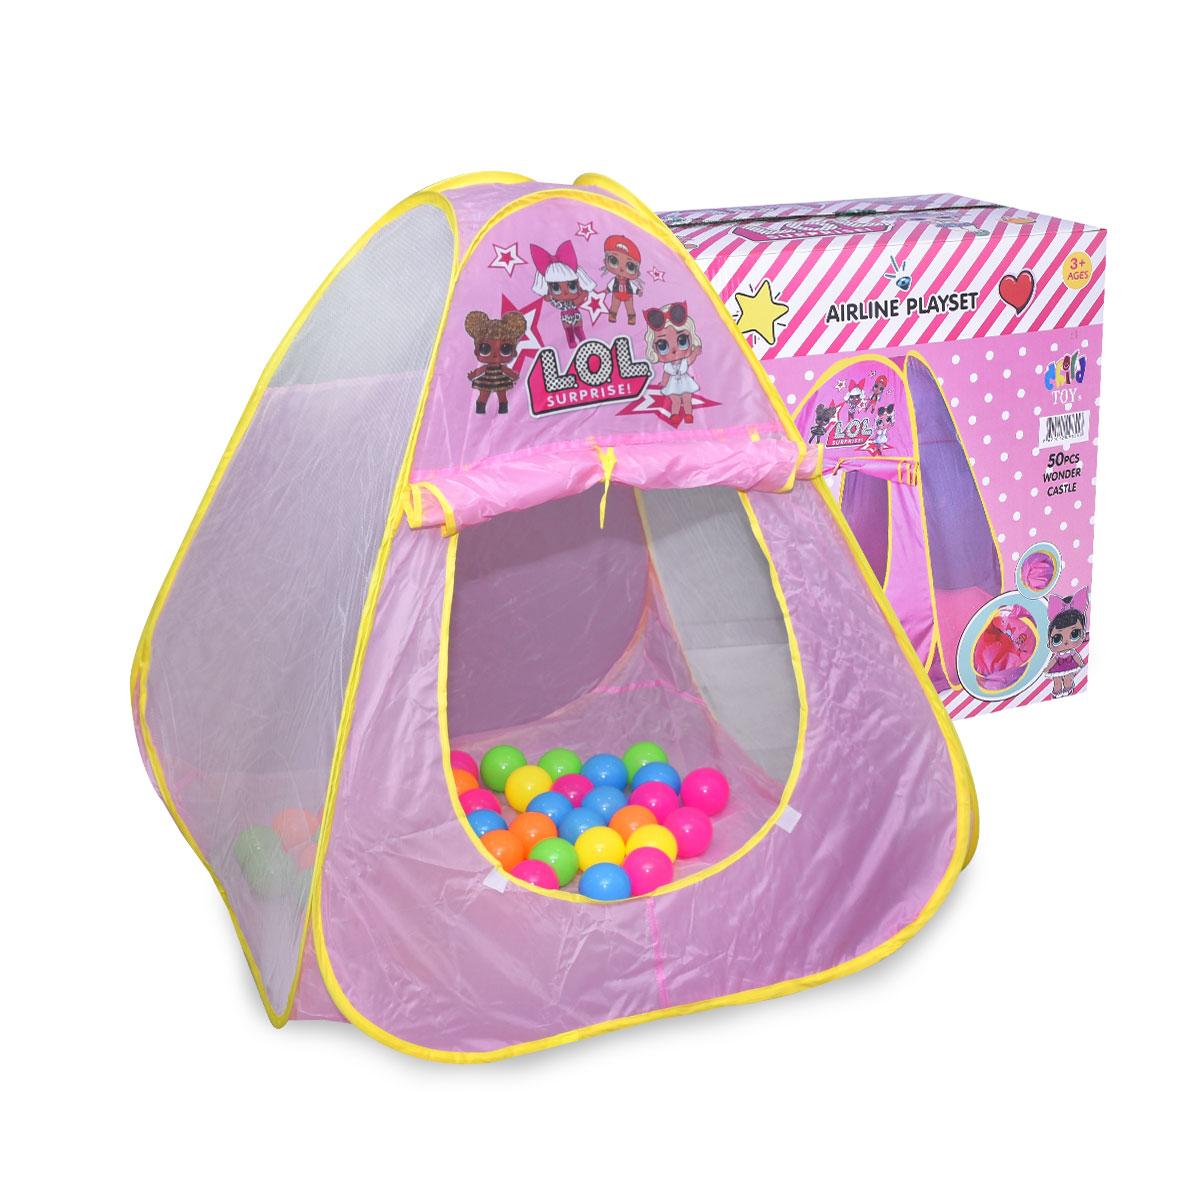 خيمة لعب الاطفال , مع كرات ملونة , رقم CH5661